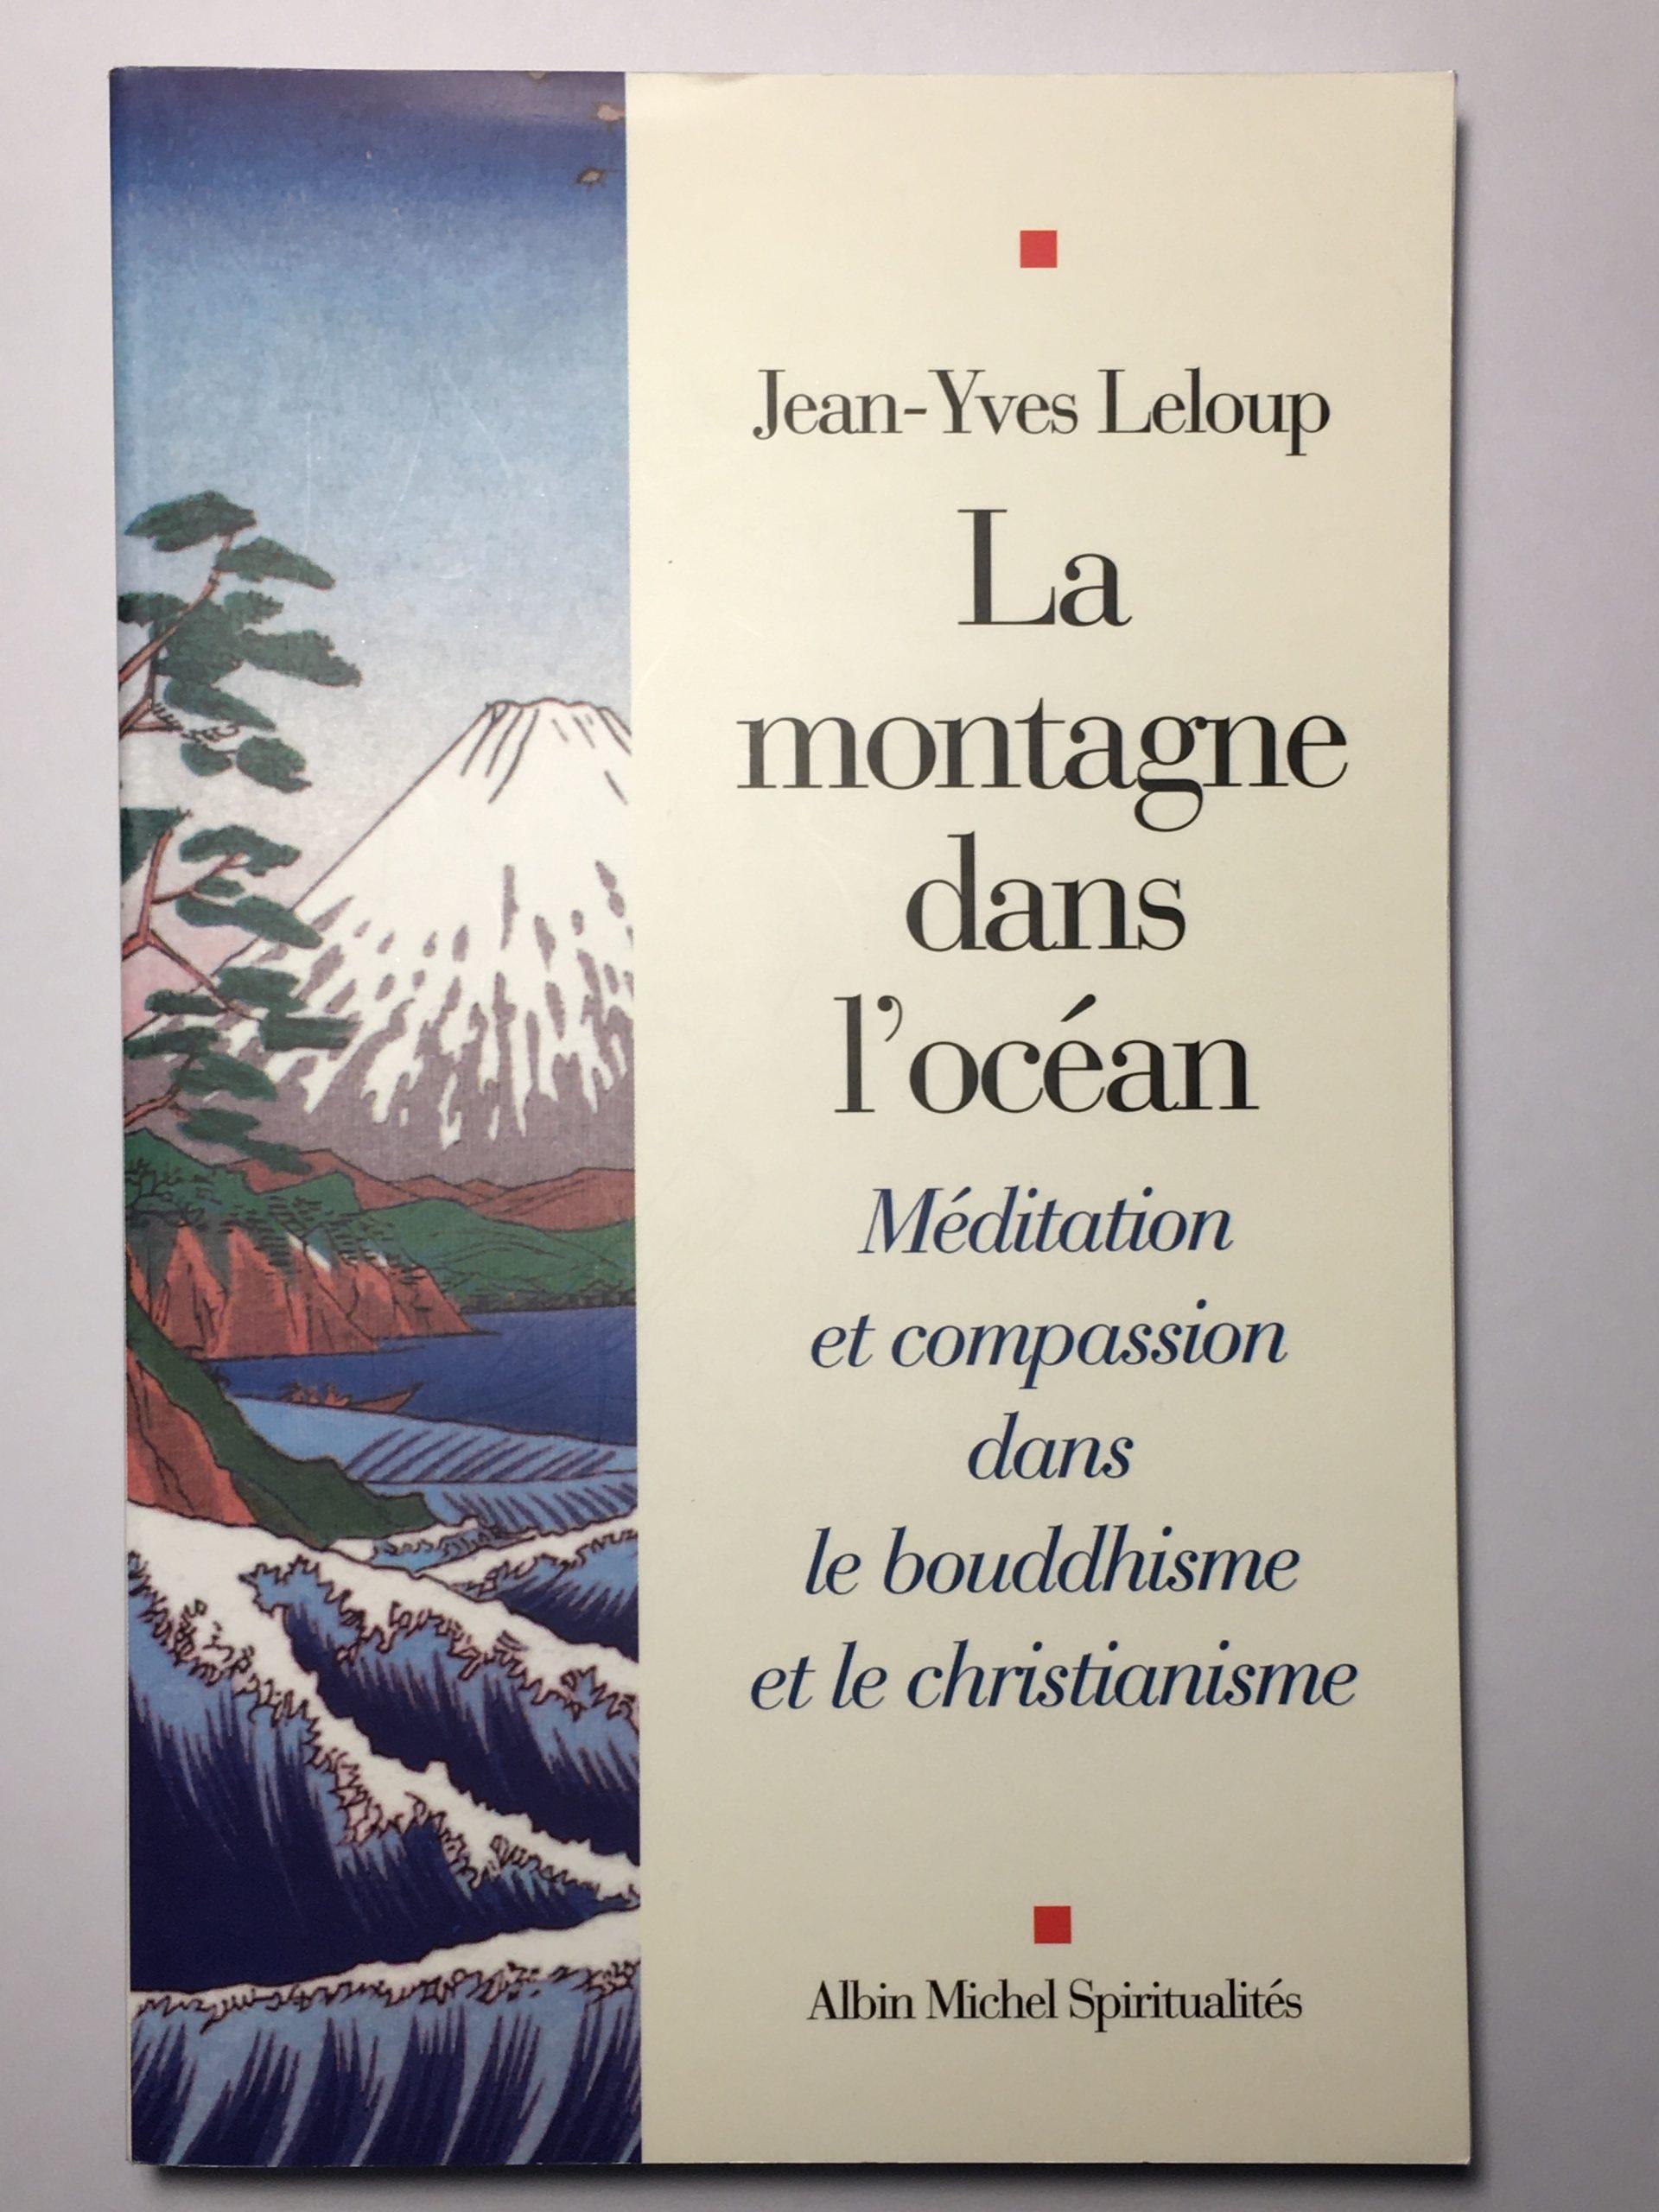 Méditation Mindfulness Couverture Livre La montagne dans l'océan